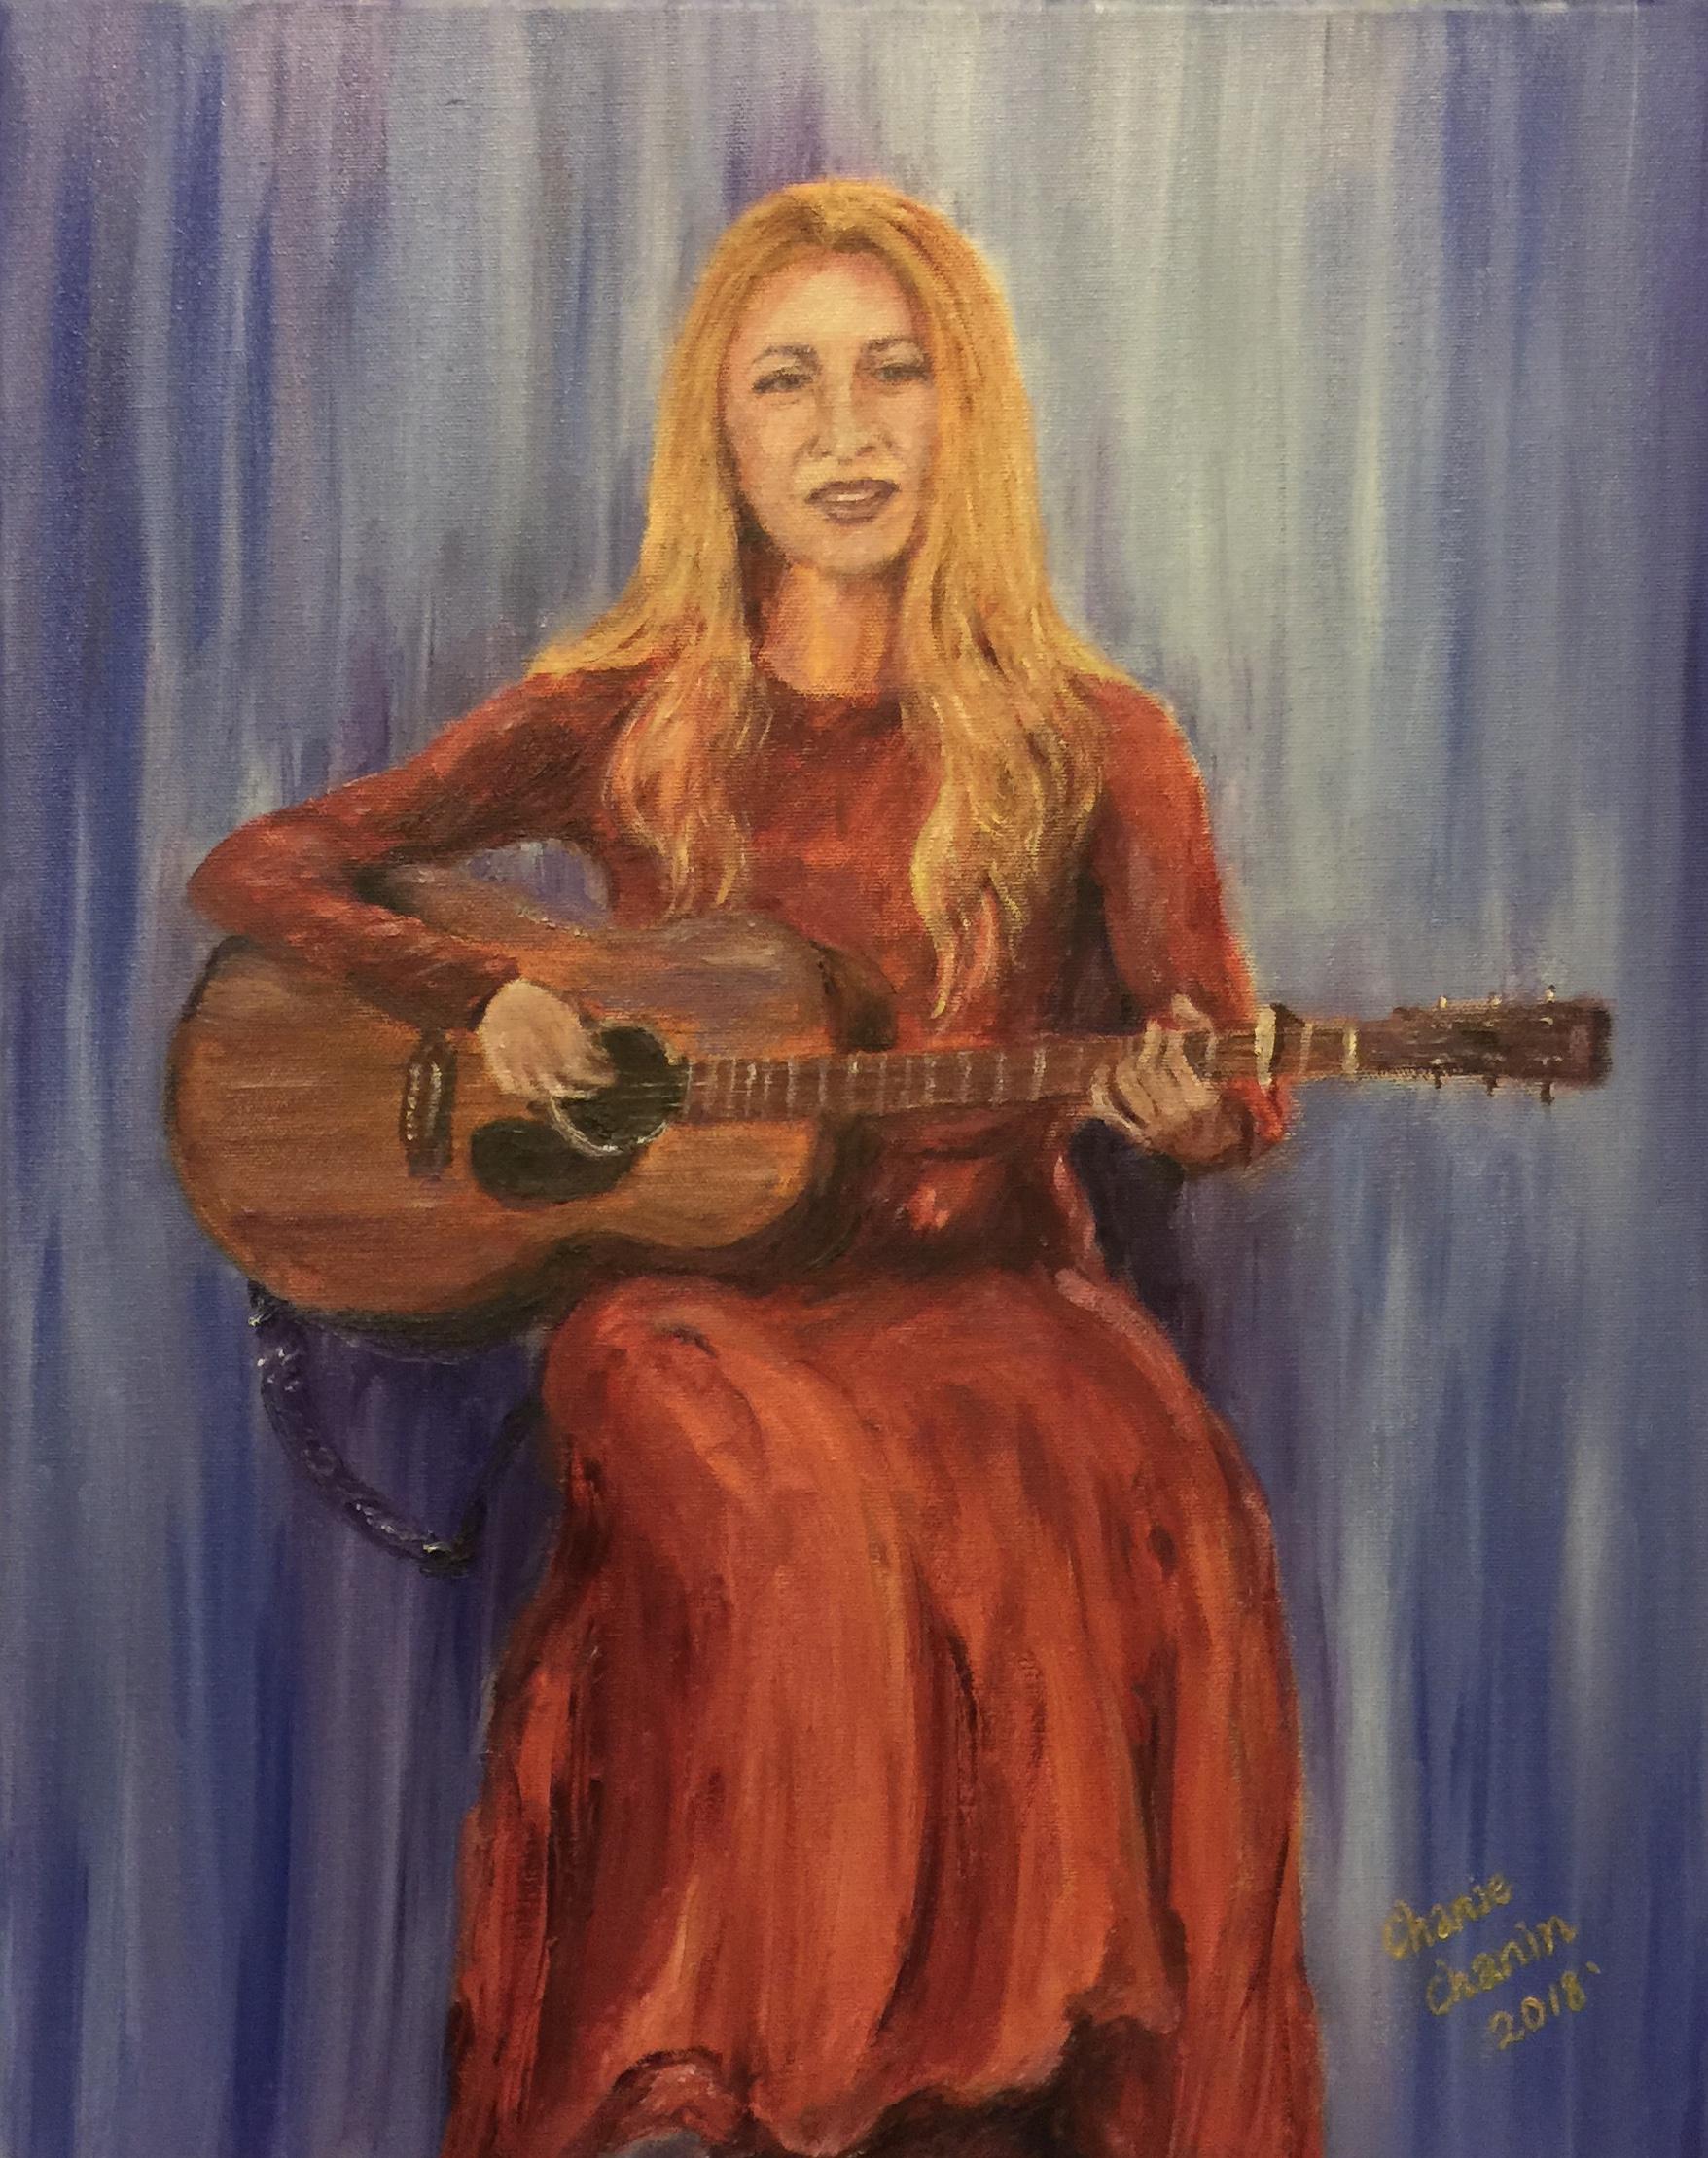 Soulfull singer